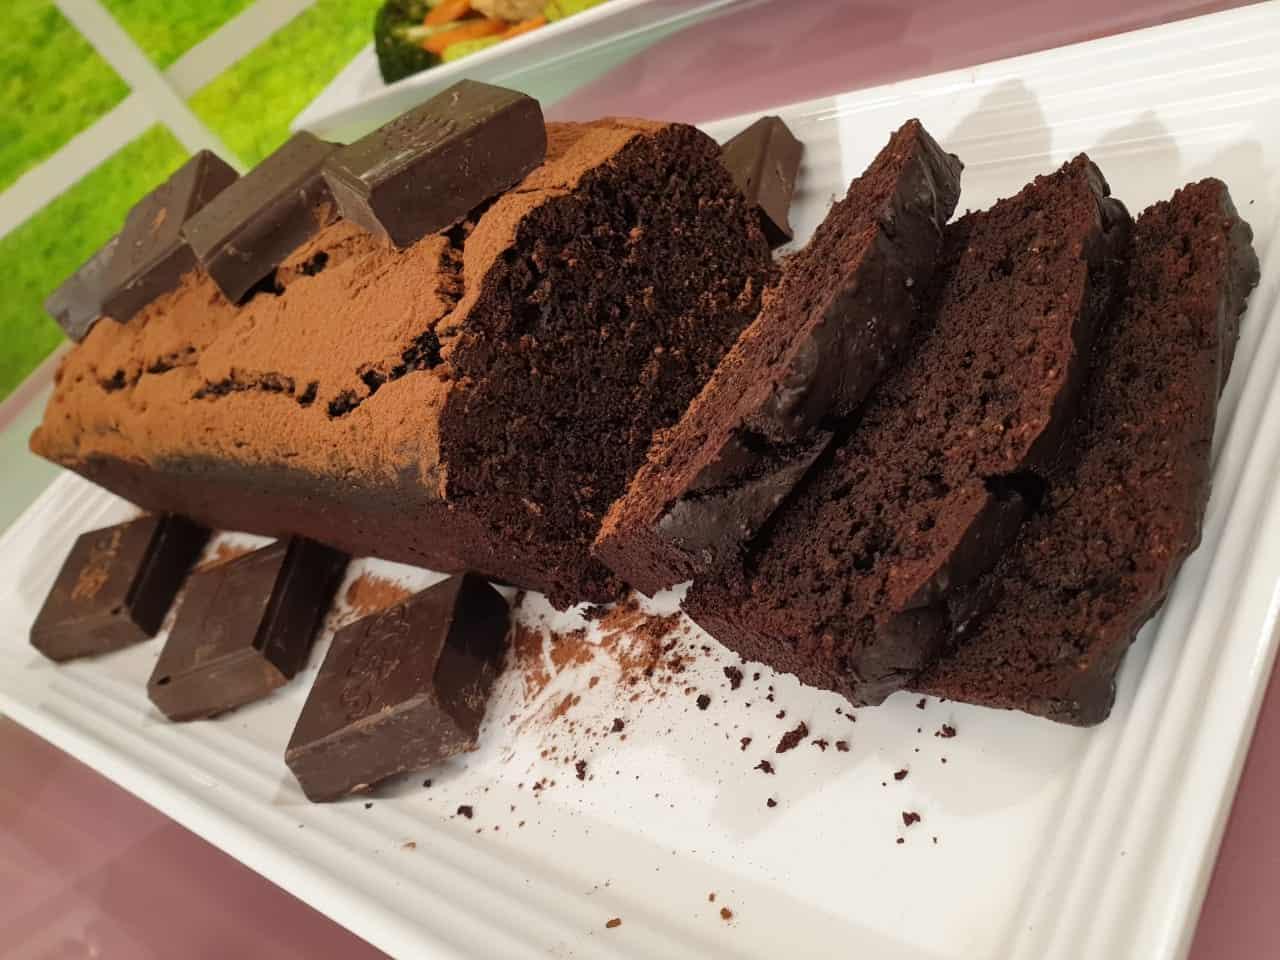 كيكة الشوكولاتة الهشة بدون بيض تصلح للتورتة